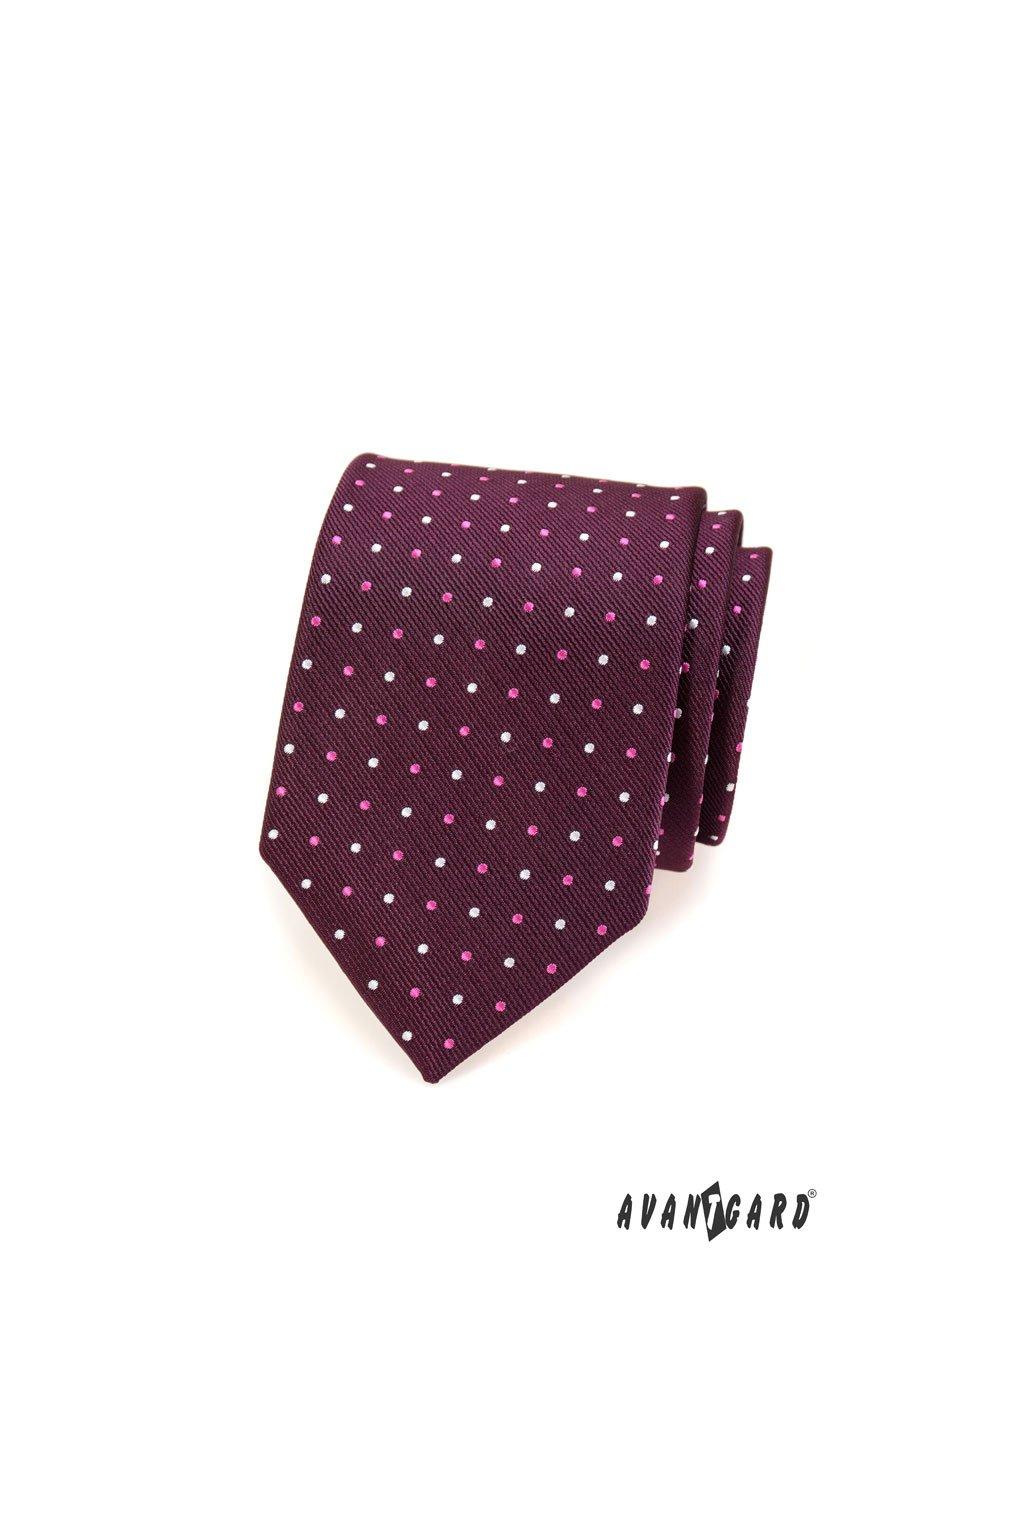 Fialová kravata s puntíky 559 - 1565